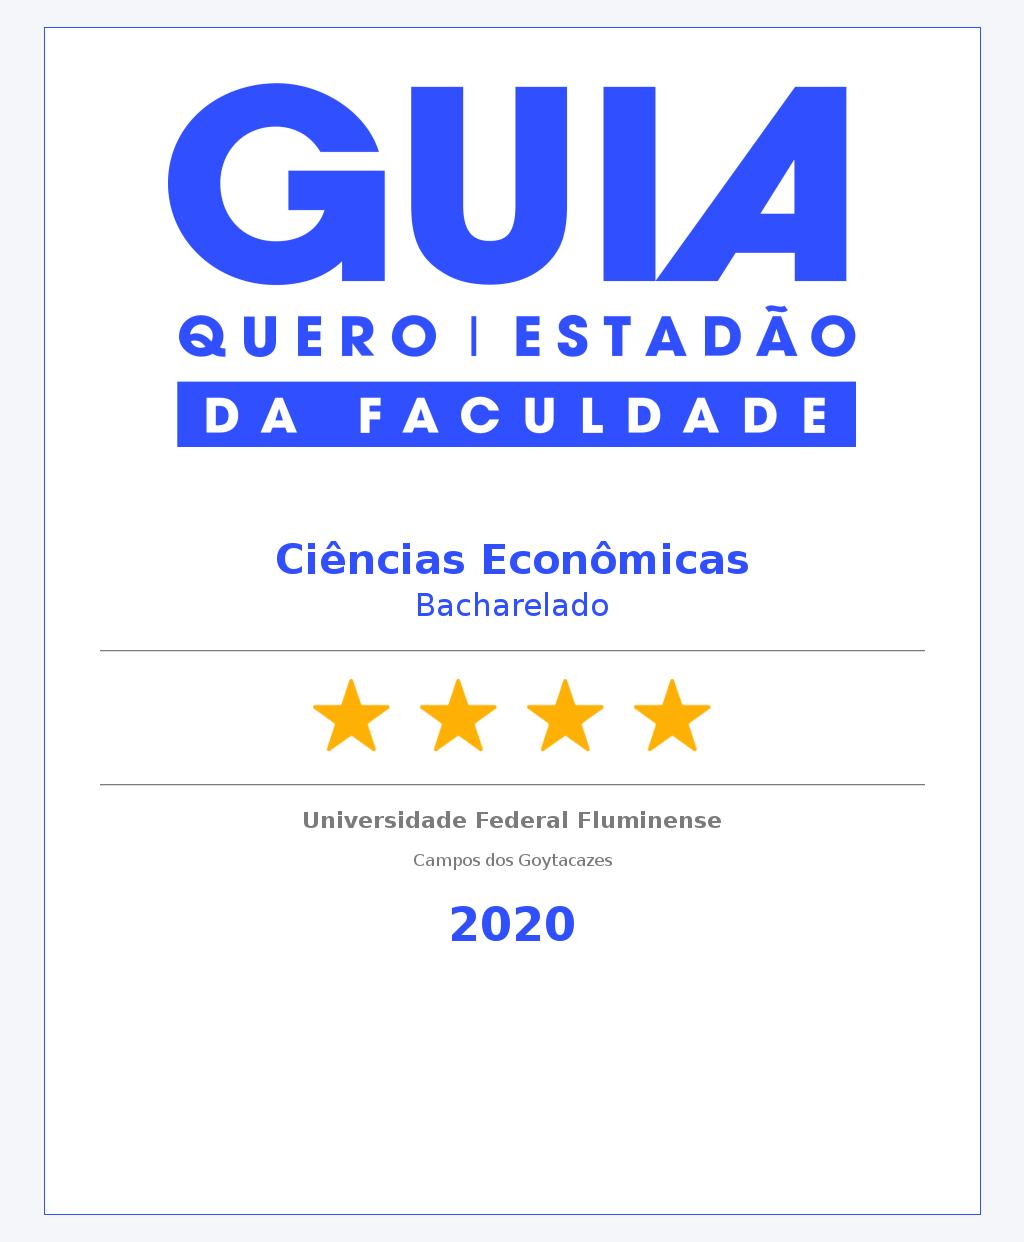 Ciências Econômicas recebe 4 estrelas no Guia Quero Faculdade (antigo Guia do Estudante)